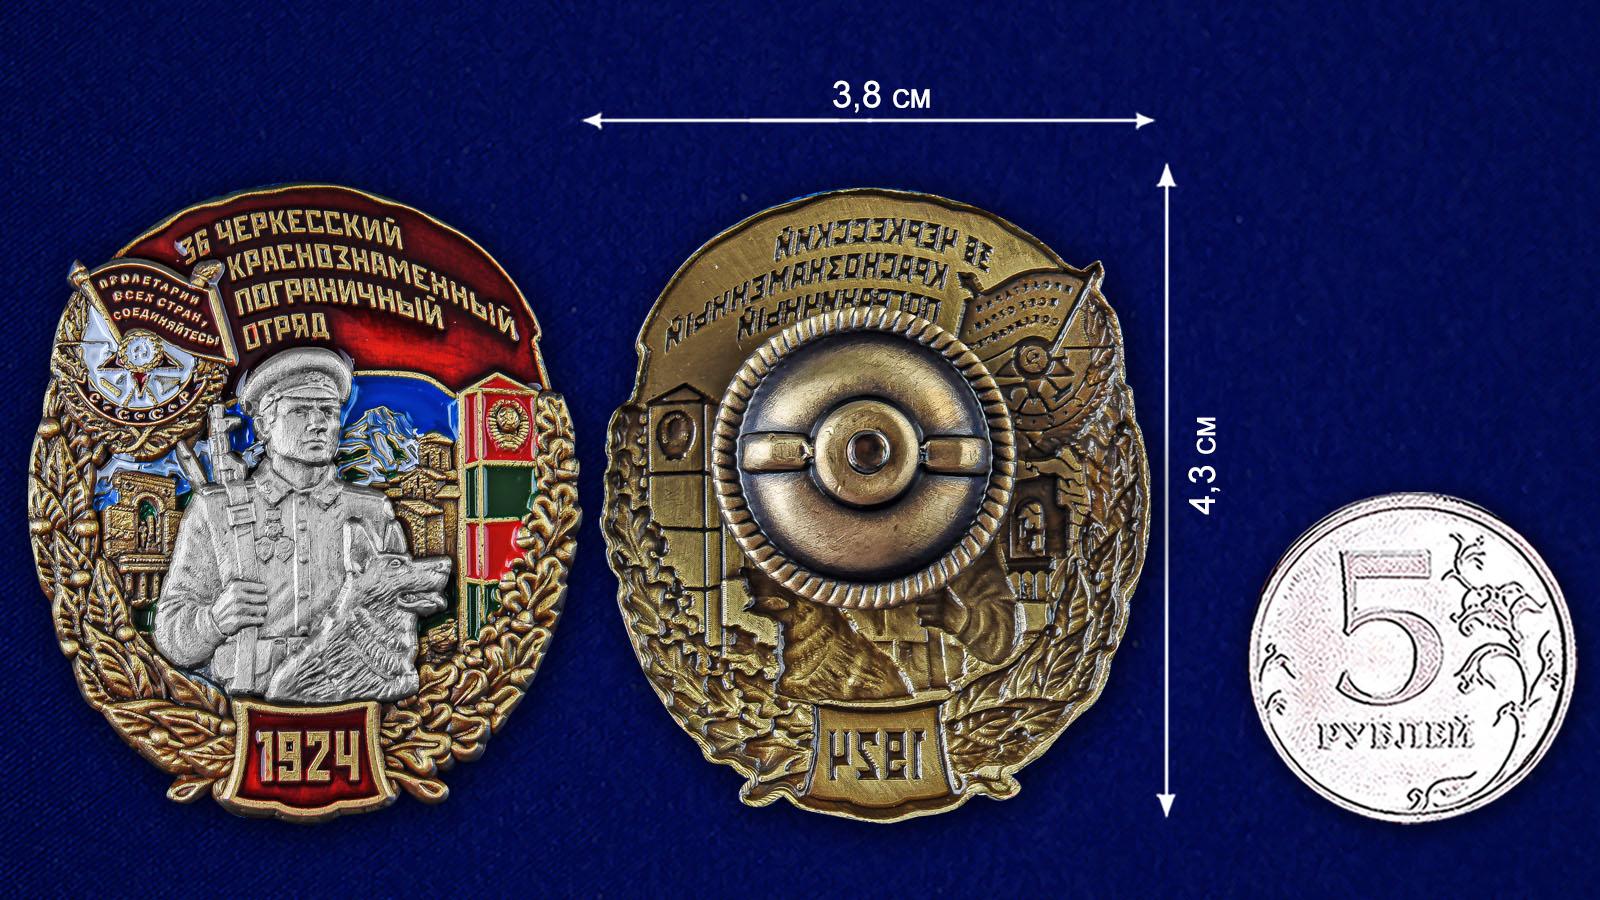 Нагрудный знак 36 Черкесский Краснознамённый пограничный отряд - сравнительный вид